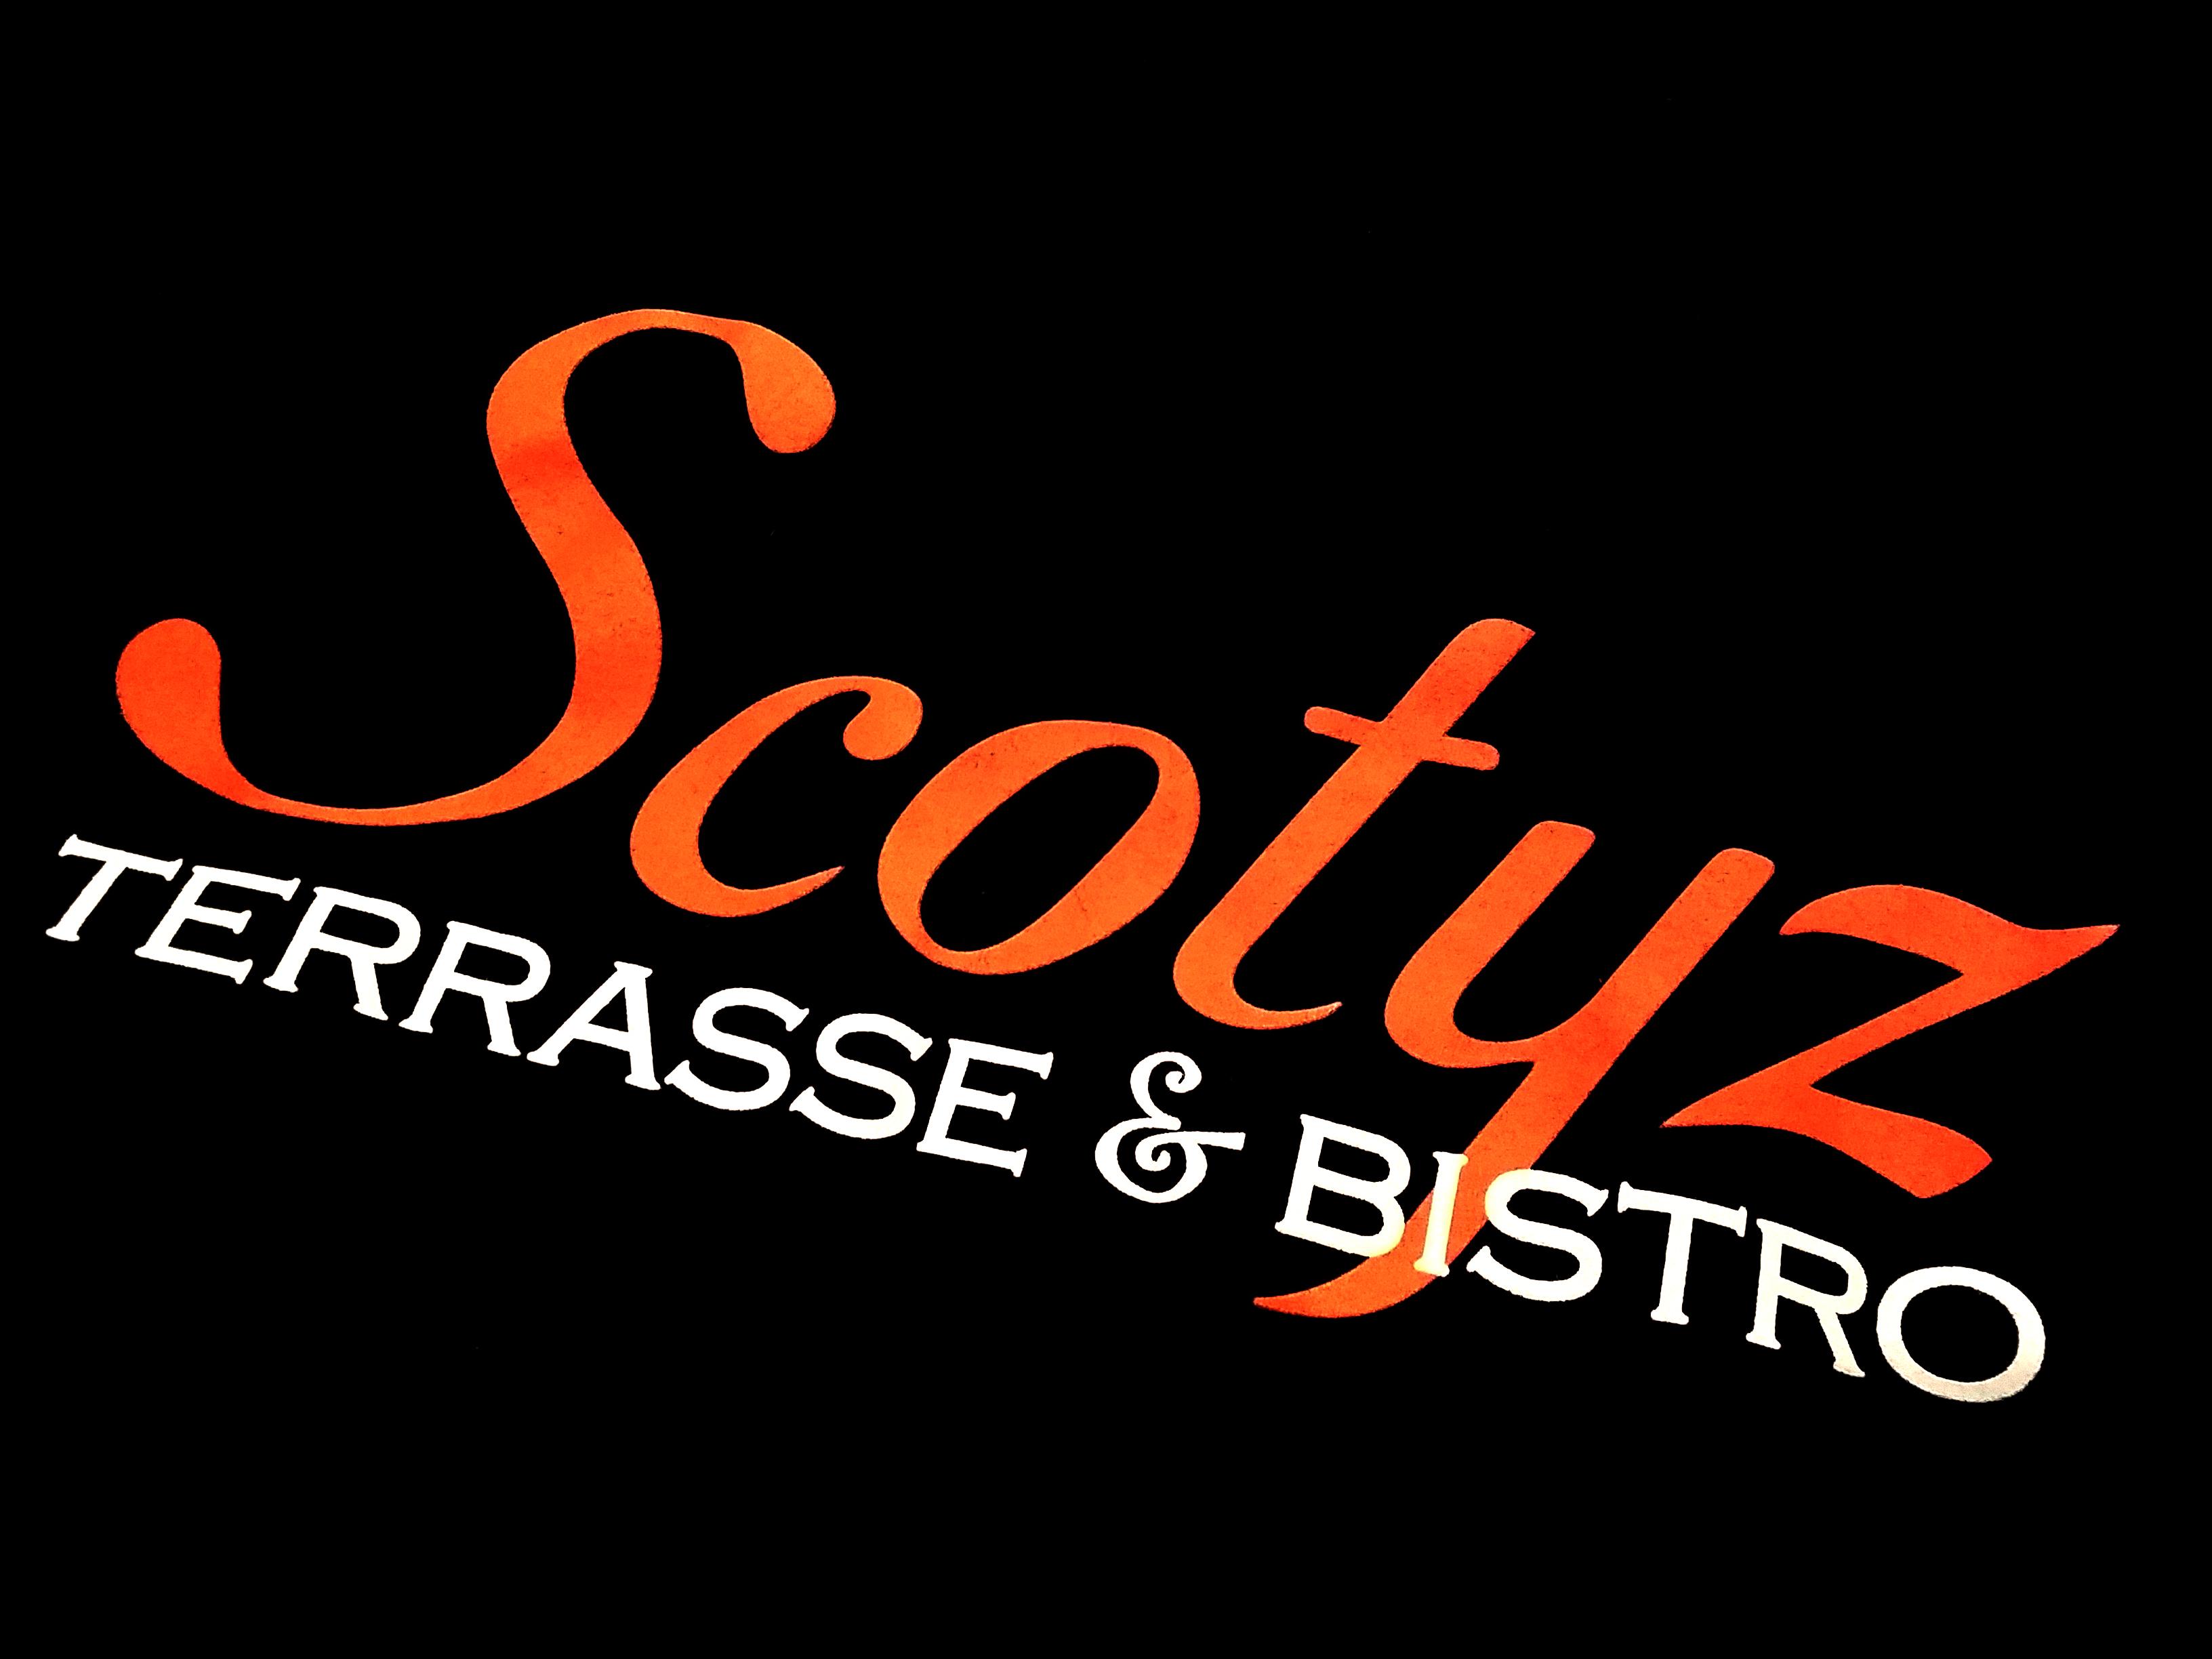 Scotyz Terrasse & Bistro